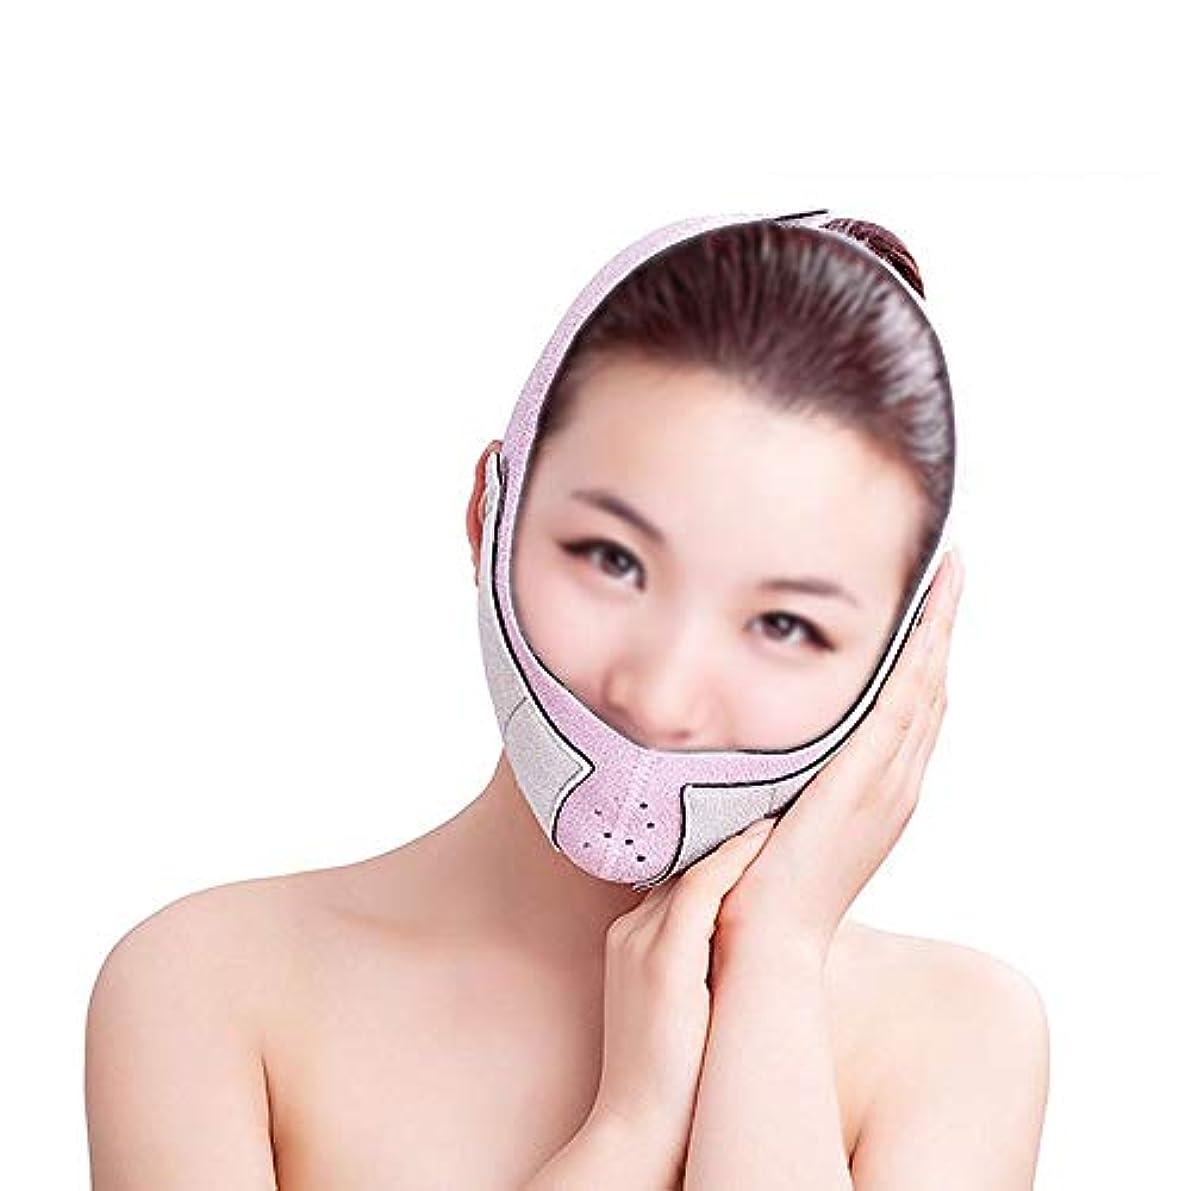 開拓者去るモロニックTLMY 薄い顔マスク痩身ベルト薄い顔マスク強力なアップグレード小さいV顔薄い顔包帯美容顔デバイス 顔用整形マスク